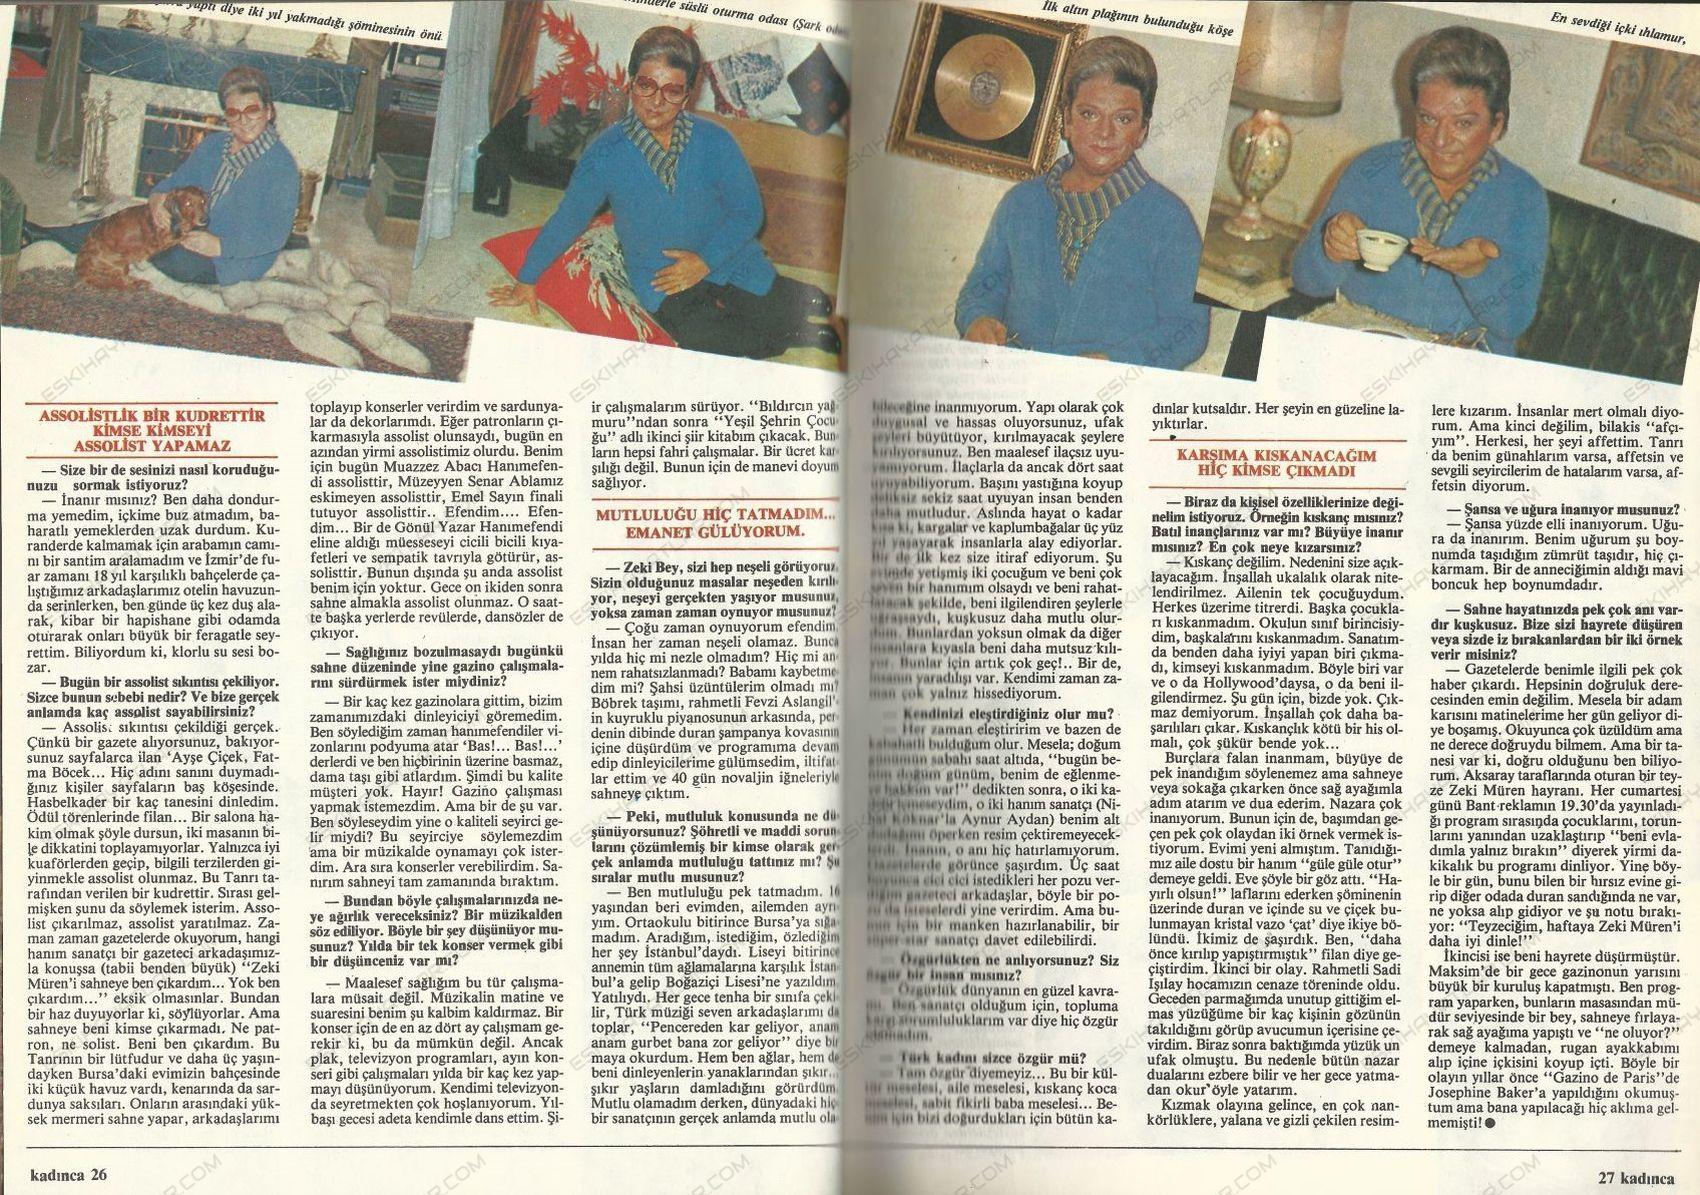 0133-zeki-muren-roportaji-1984-kadinca-dergisi (3)